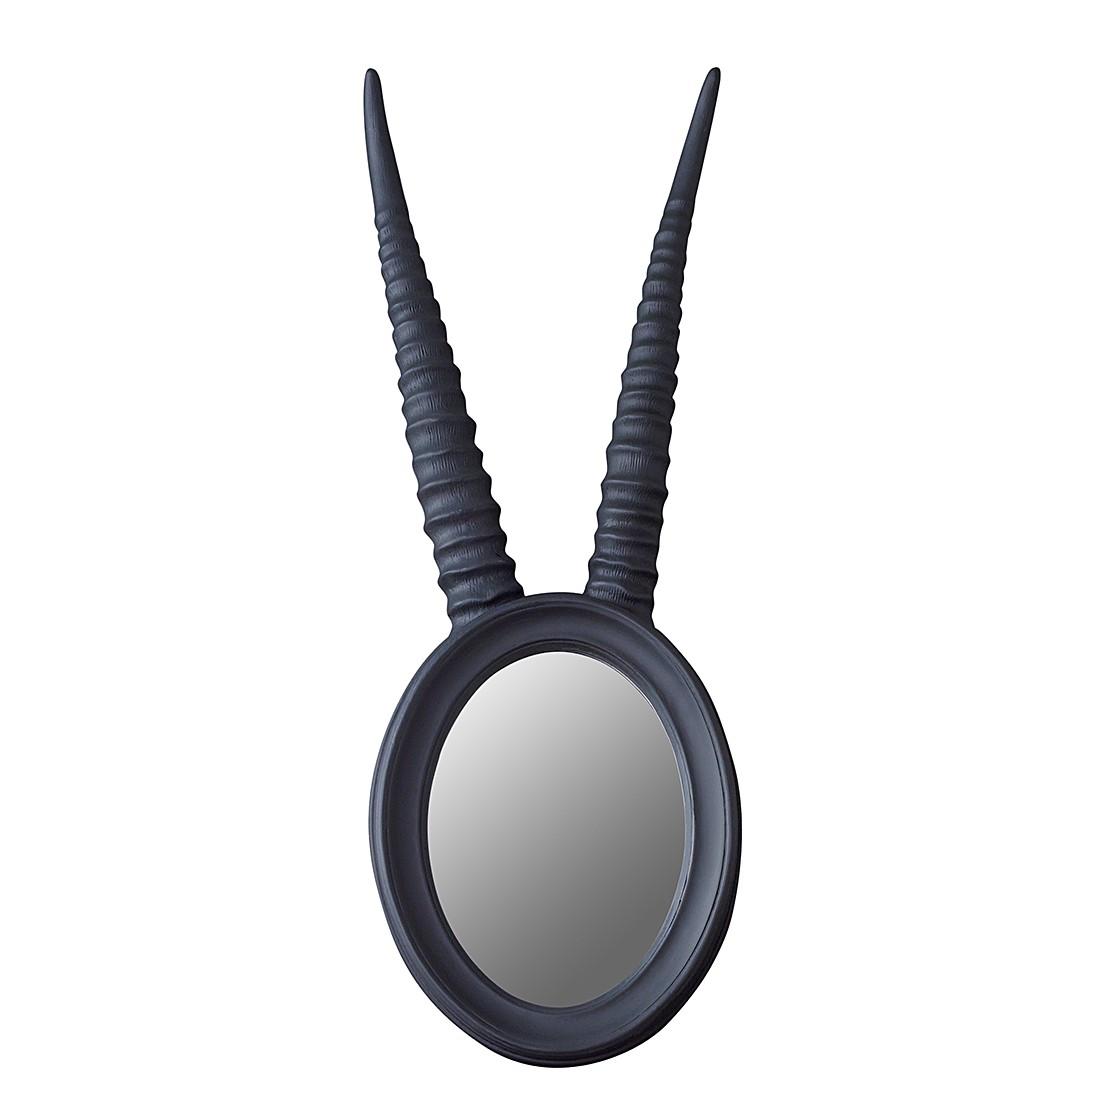 Spiegel Springbok Horn – Polyresin/Glas vergespiegelt Matt Mausgrau, XL Cork kaufen